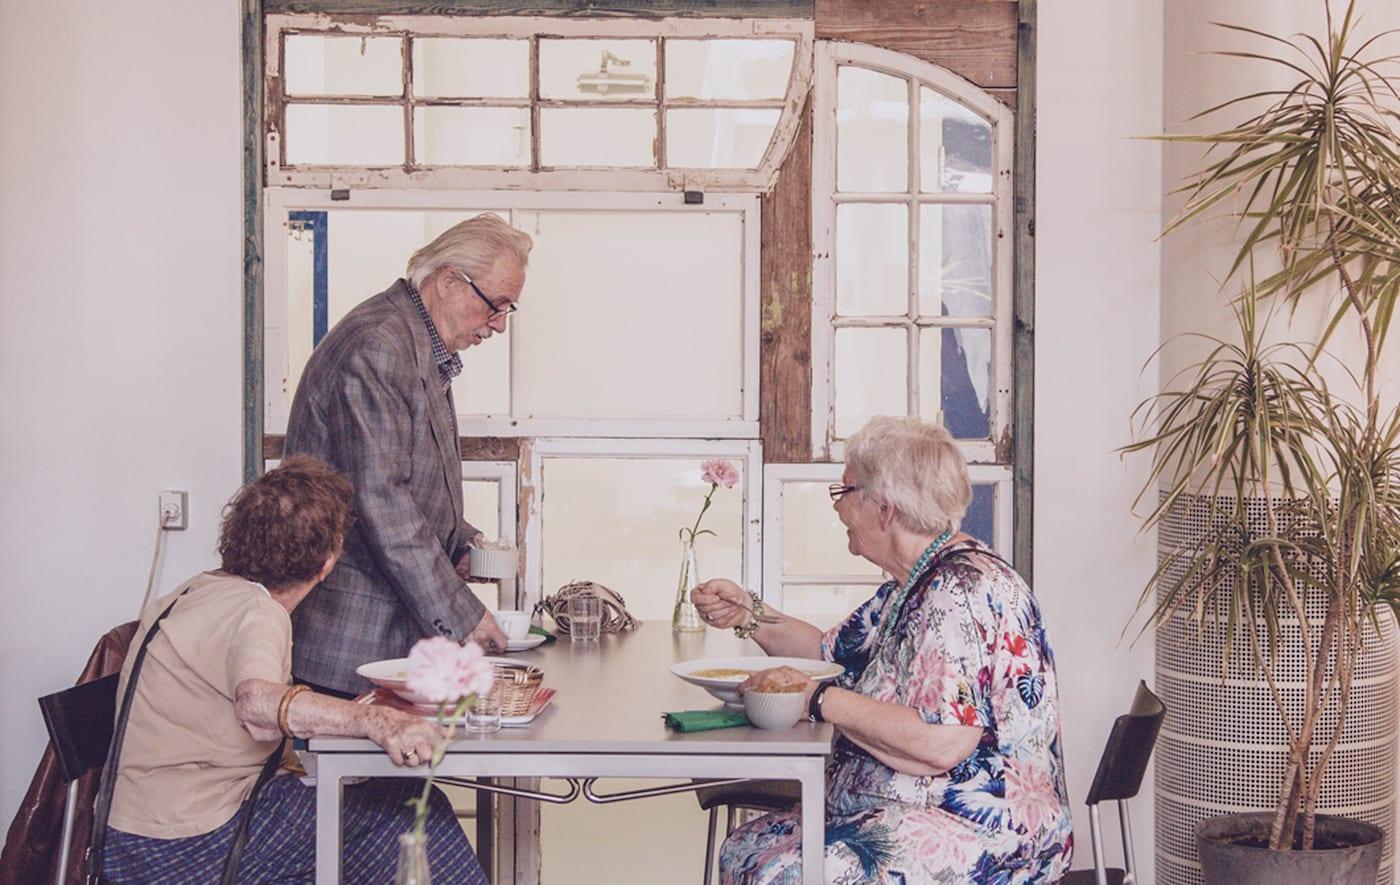 Drei ältere Menschen sitzen an einem Tisch und nehmen eine Mahlzeit ein.